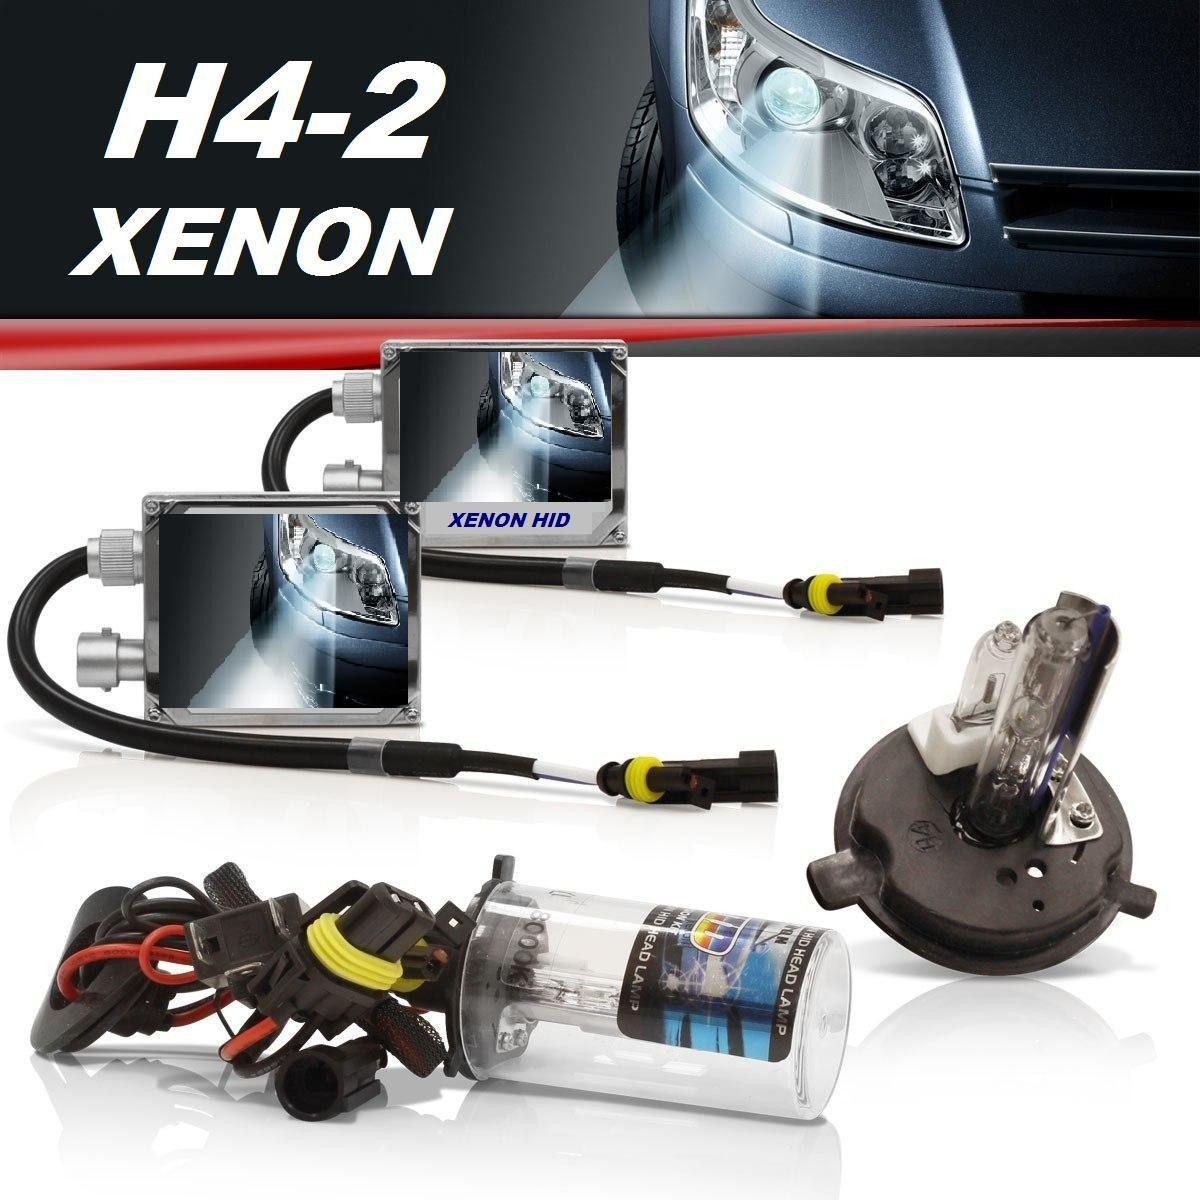 kit xenon carro moto h4 2 xenon hal gena mesma l mpada 2 e 1 r 99 99 no mercadolivre. Black Bedroom Furniture Sets. Home Design Ideas